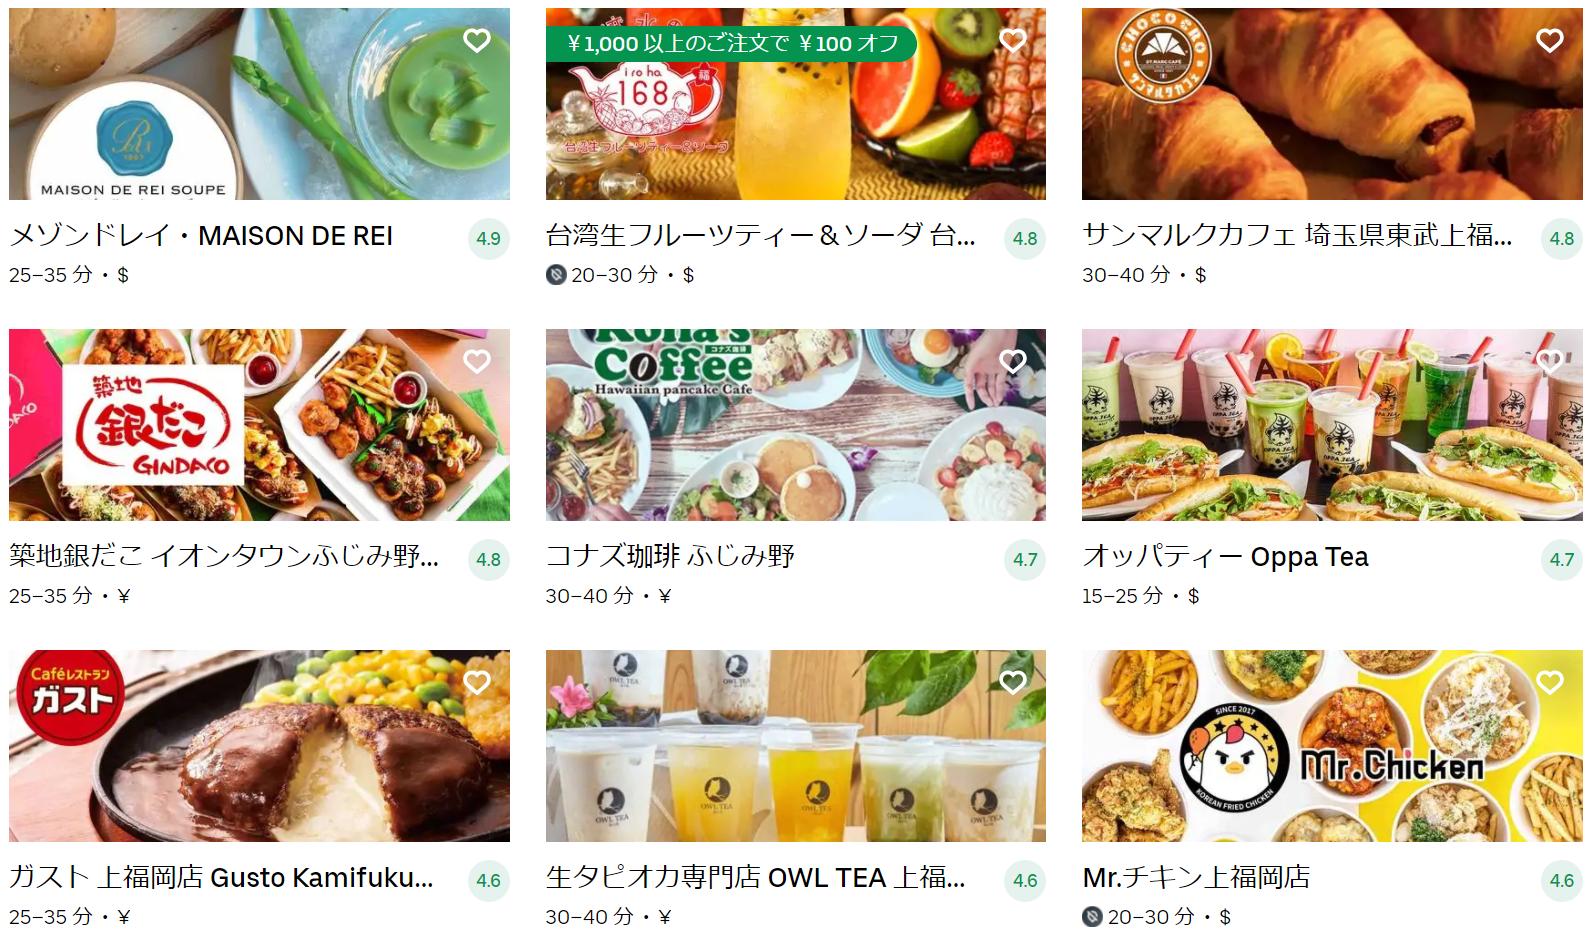 ふじみ野市エリアのおすすめUber Eats(ウーバーイーツ)メニュー